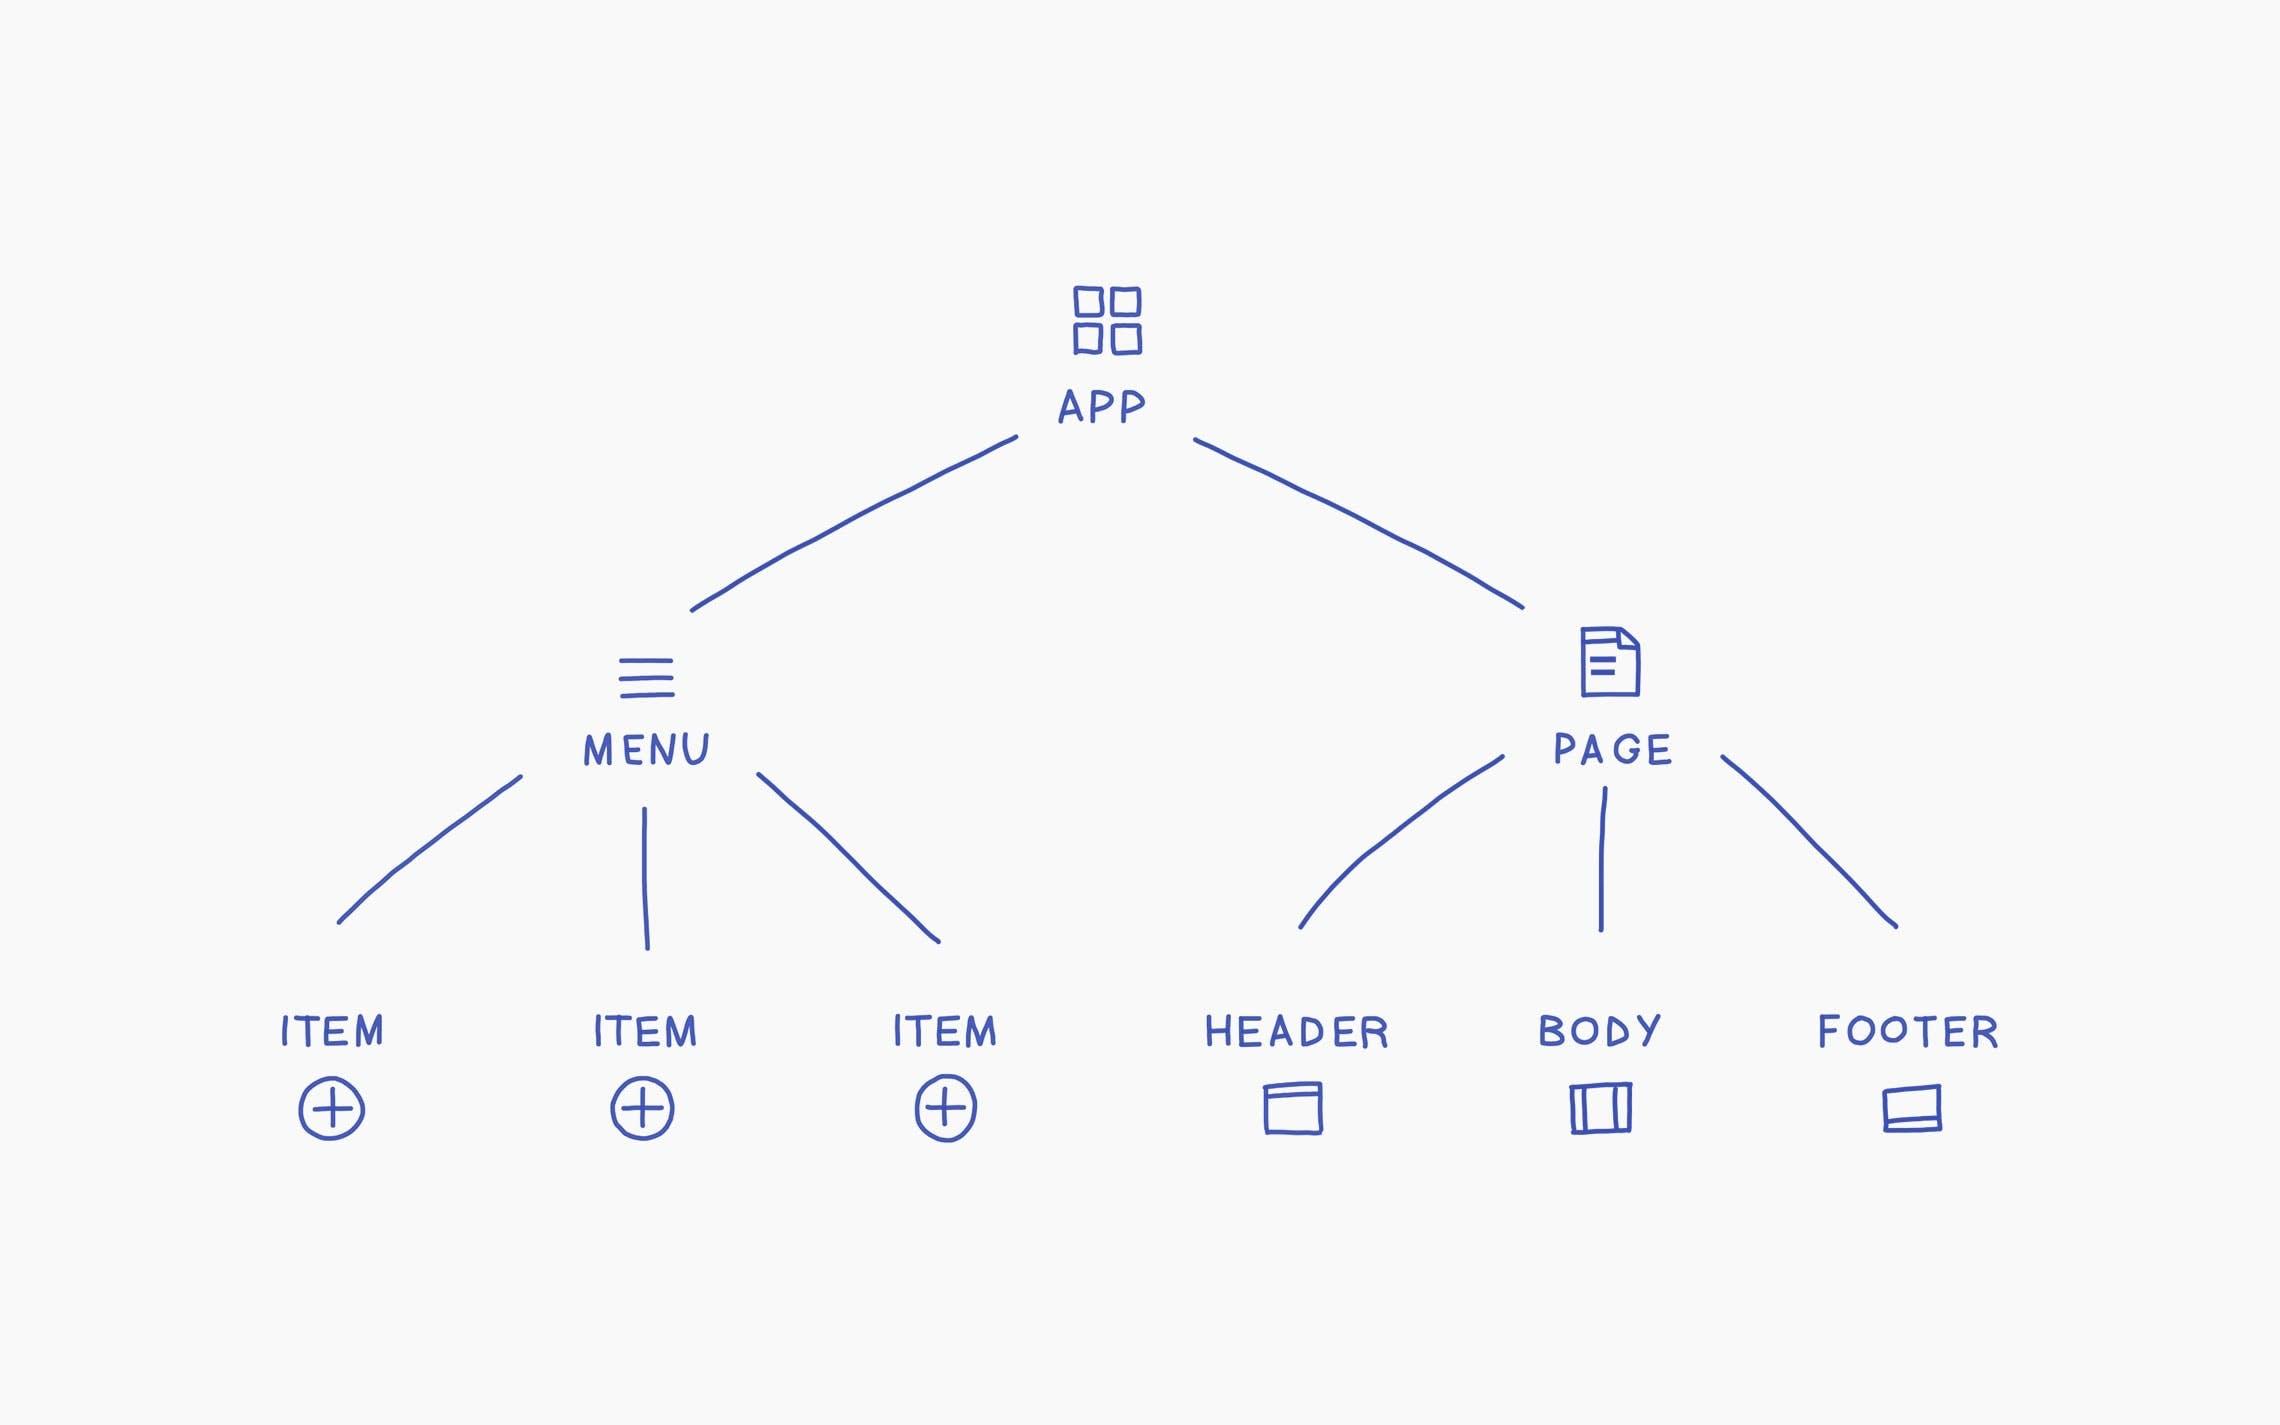 A page described as a hierarchy of components.